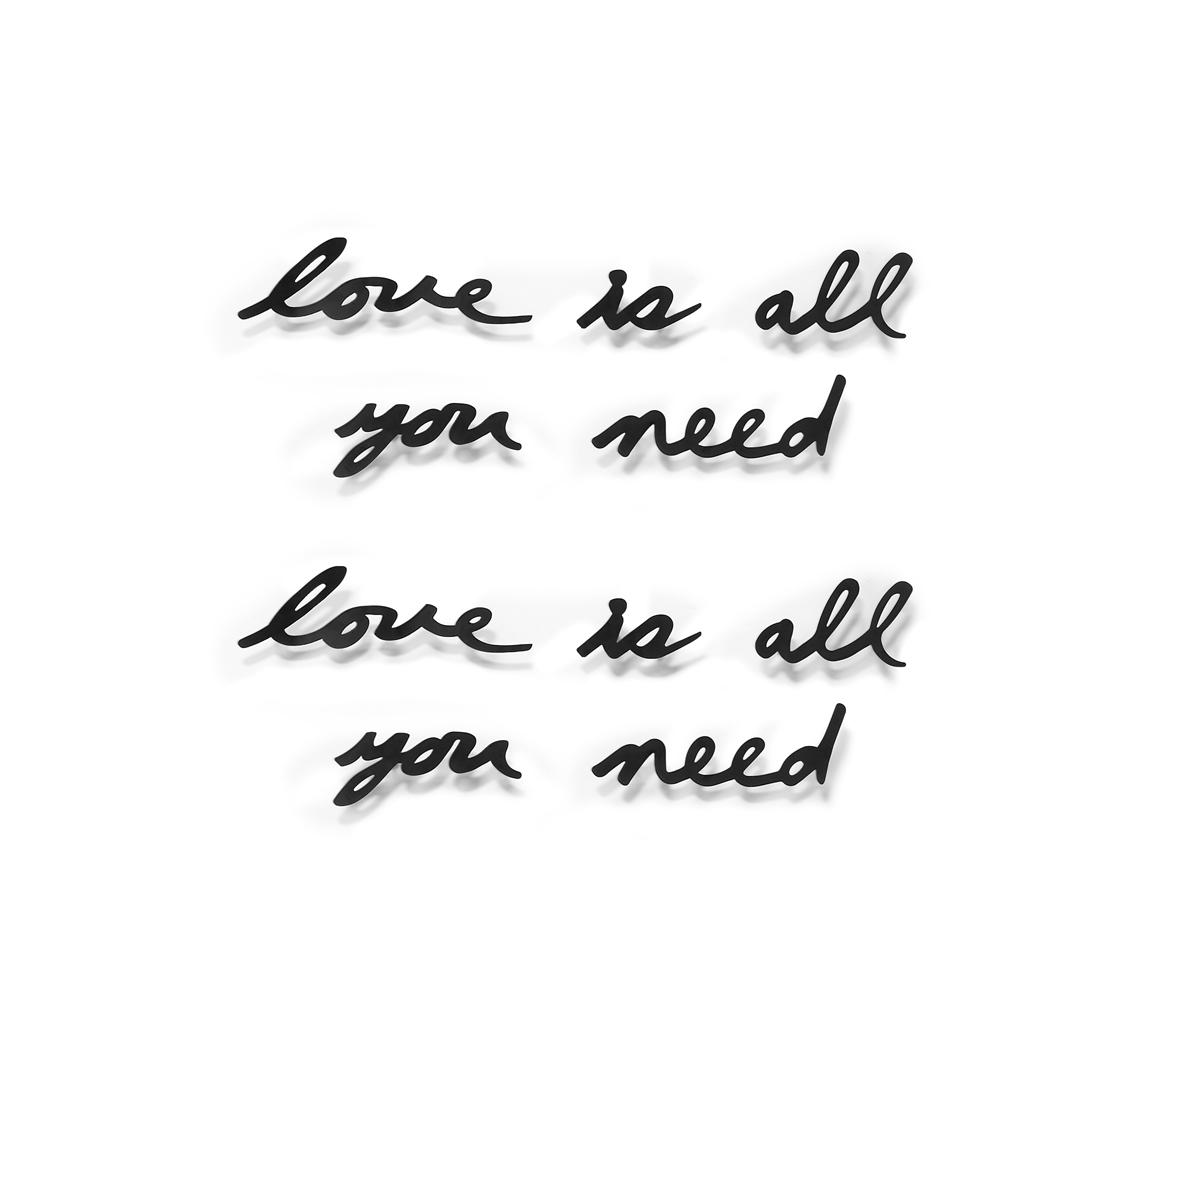 Украшение на стену Umbra Love is all you need470580-040Декоративная настенная надпись Love is all you need - это строчка из знаменитой песни The Beatles. Любовь - все, что вам нужно, все, что вам нужно - любовь. Не забывайте об этом: просто повесьте этот вдохновляющий декор на стену, пусть напоминает о самых важных и прекрасных чувствах. Каждое слово крепится отдельно, так что можно расположить их на стене в произвольном порядке (крепеж в комплекте).